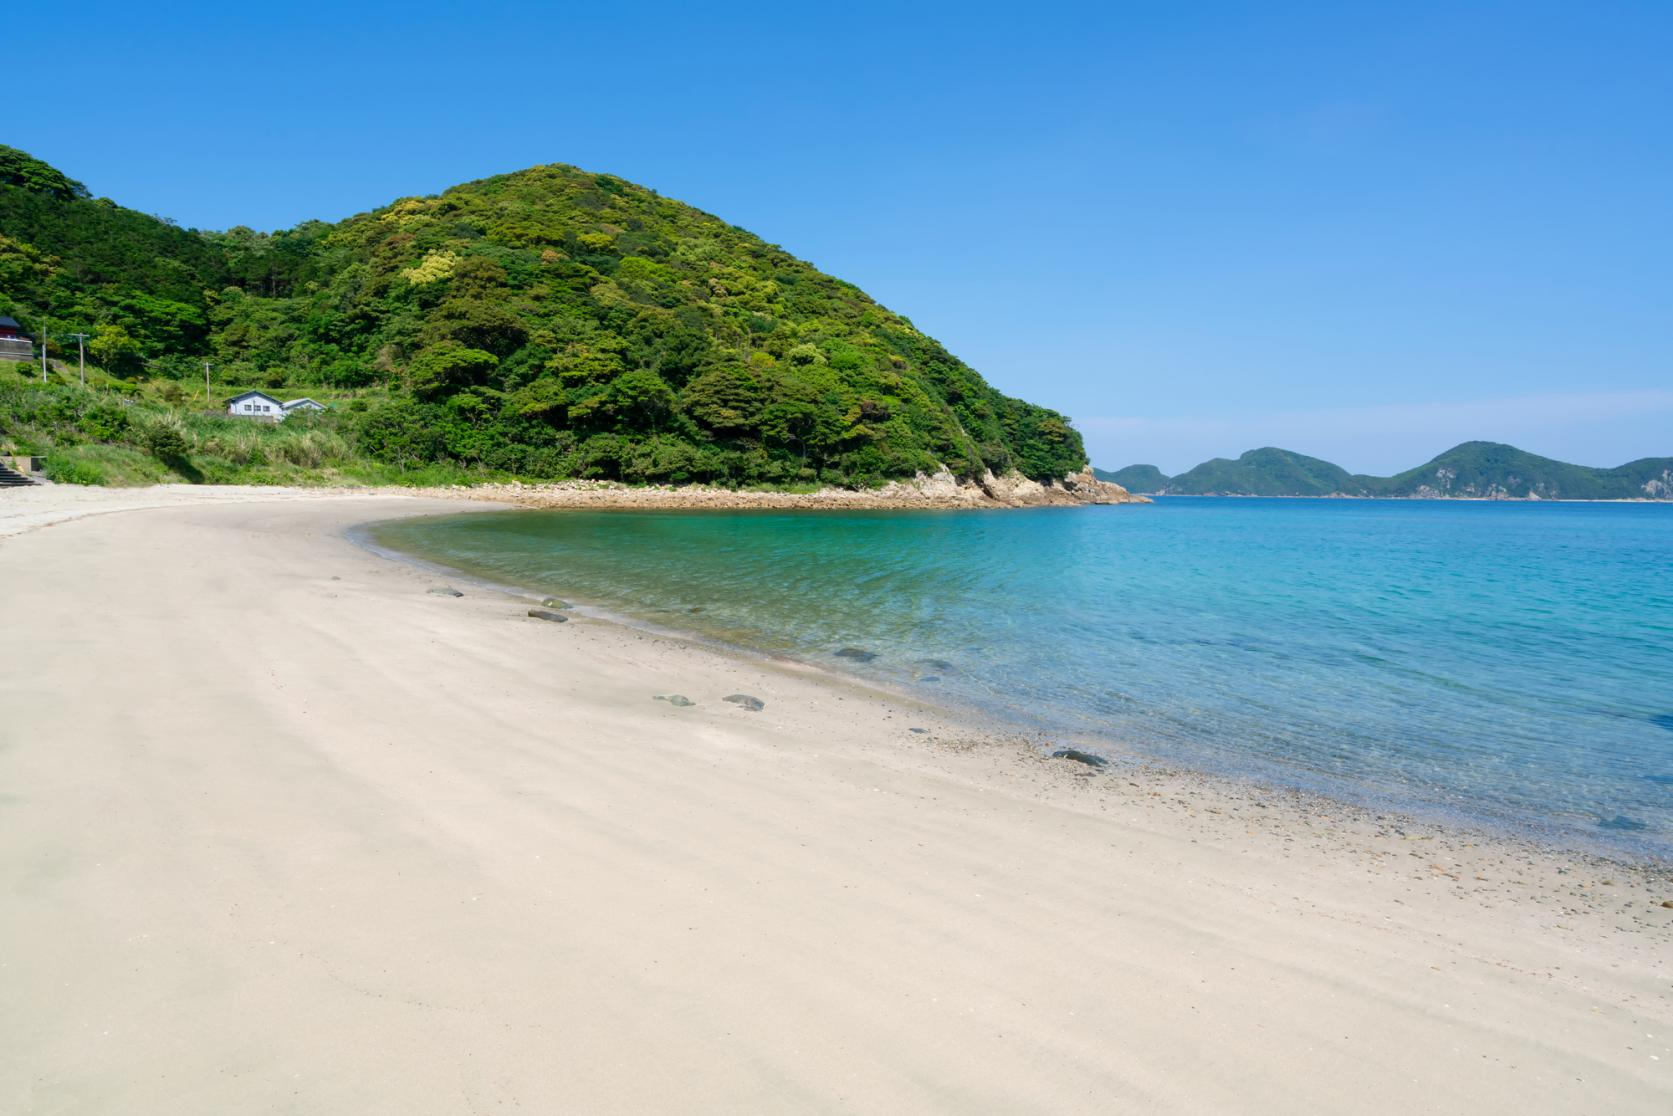 【上五島】歴史ある教会と碧い海、心癒される絶景をチャリで満喫-0